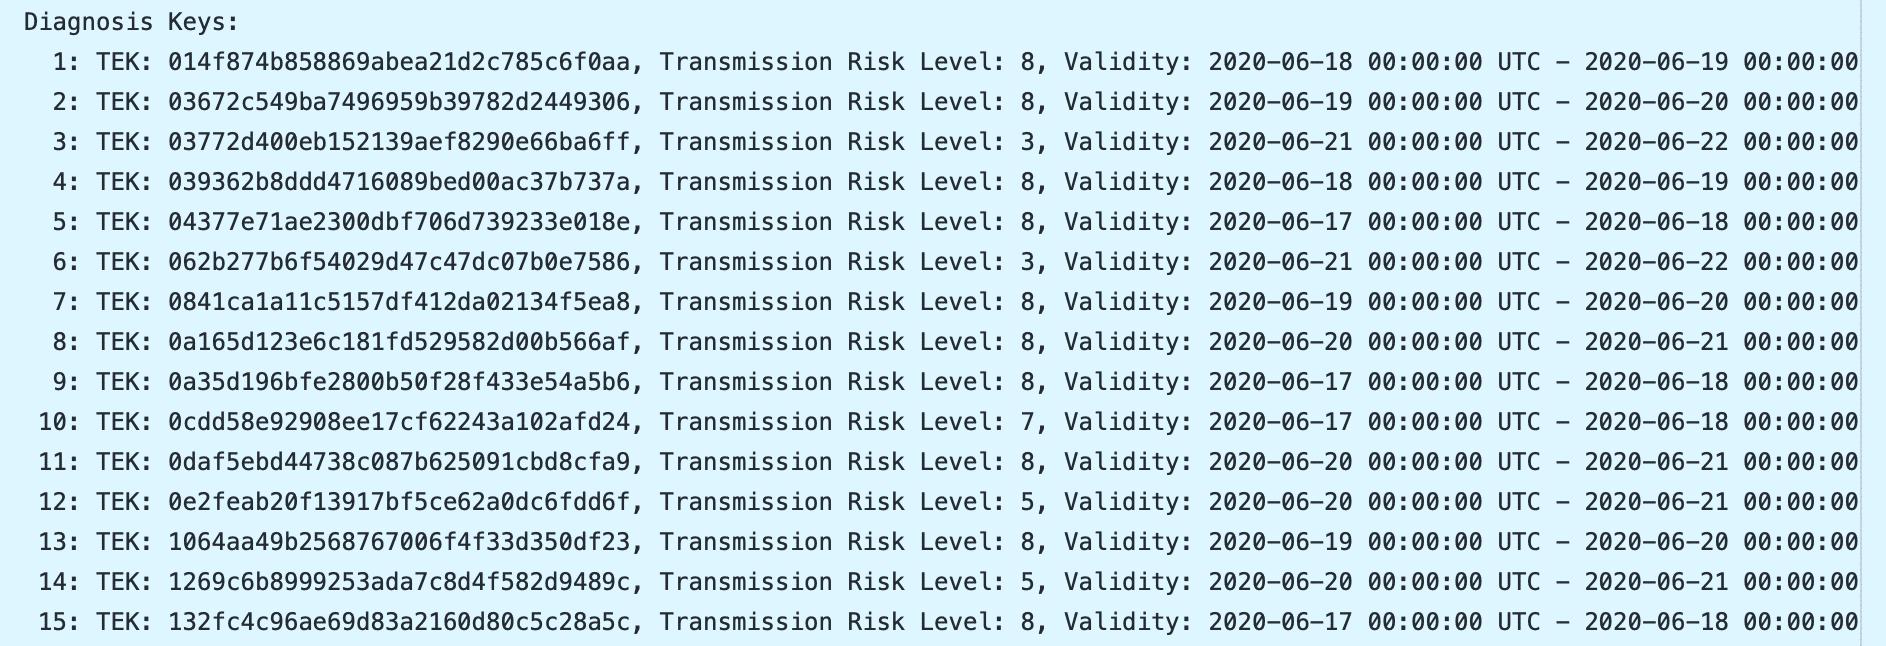 Zum Kontaktabgleich übertragen die Server Listen mit anonymisierten Tageskennungen, zusammen mit dem Datum und einem Wert zur Risikoermittlung.